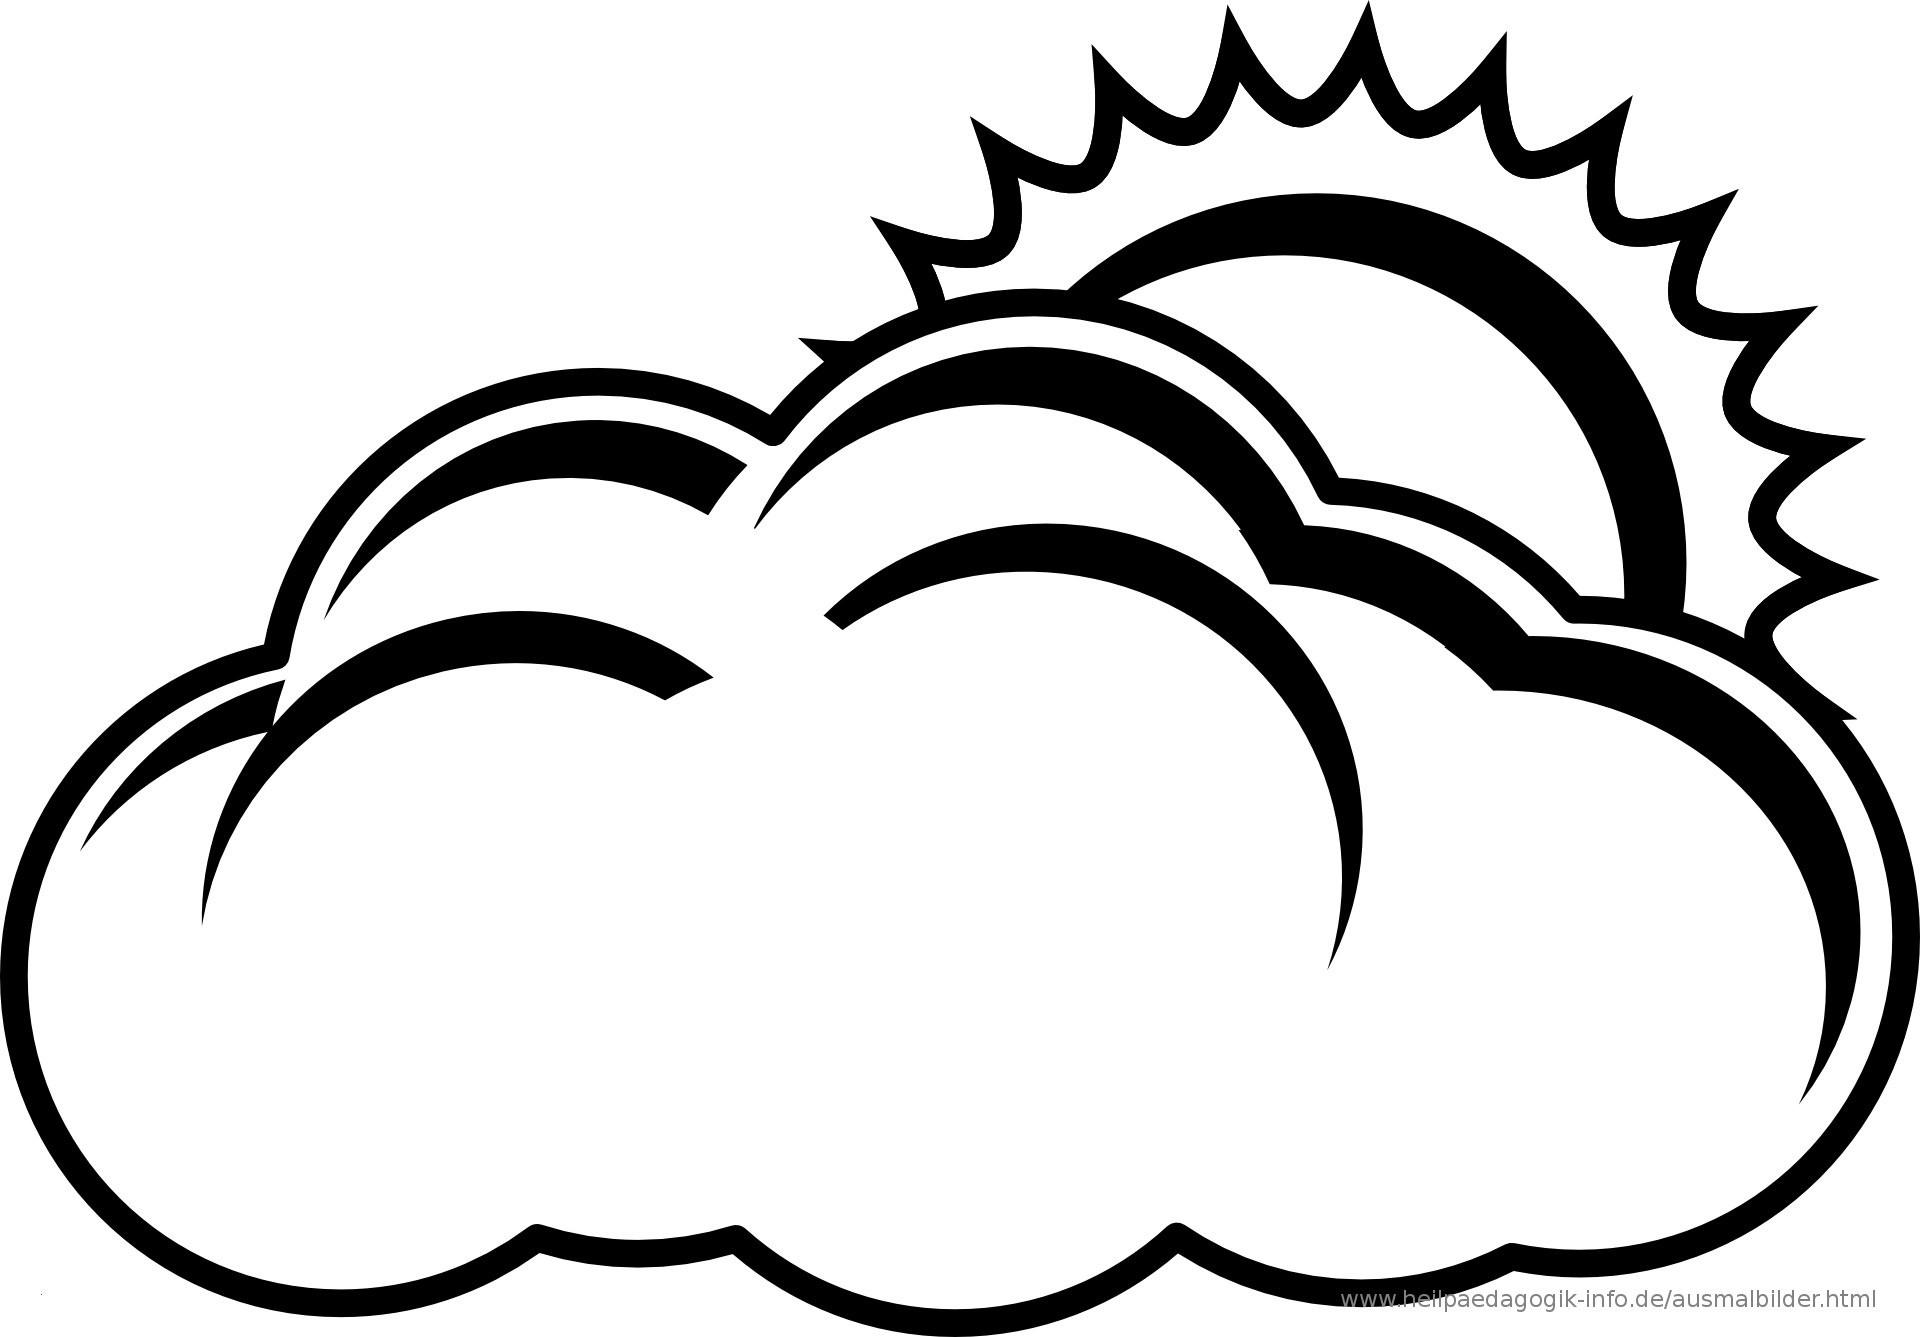 Wolke Zum Ausmalen Frisch Ausmalbilder Wolke Beautiful 35 Ausmalbilder Wolken Scoredatscore Fotos